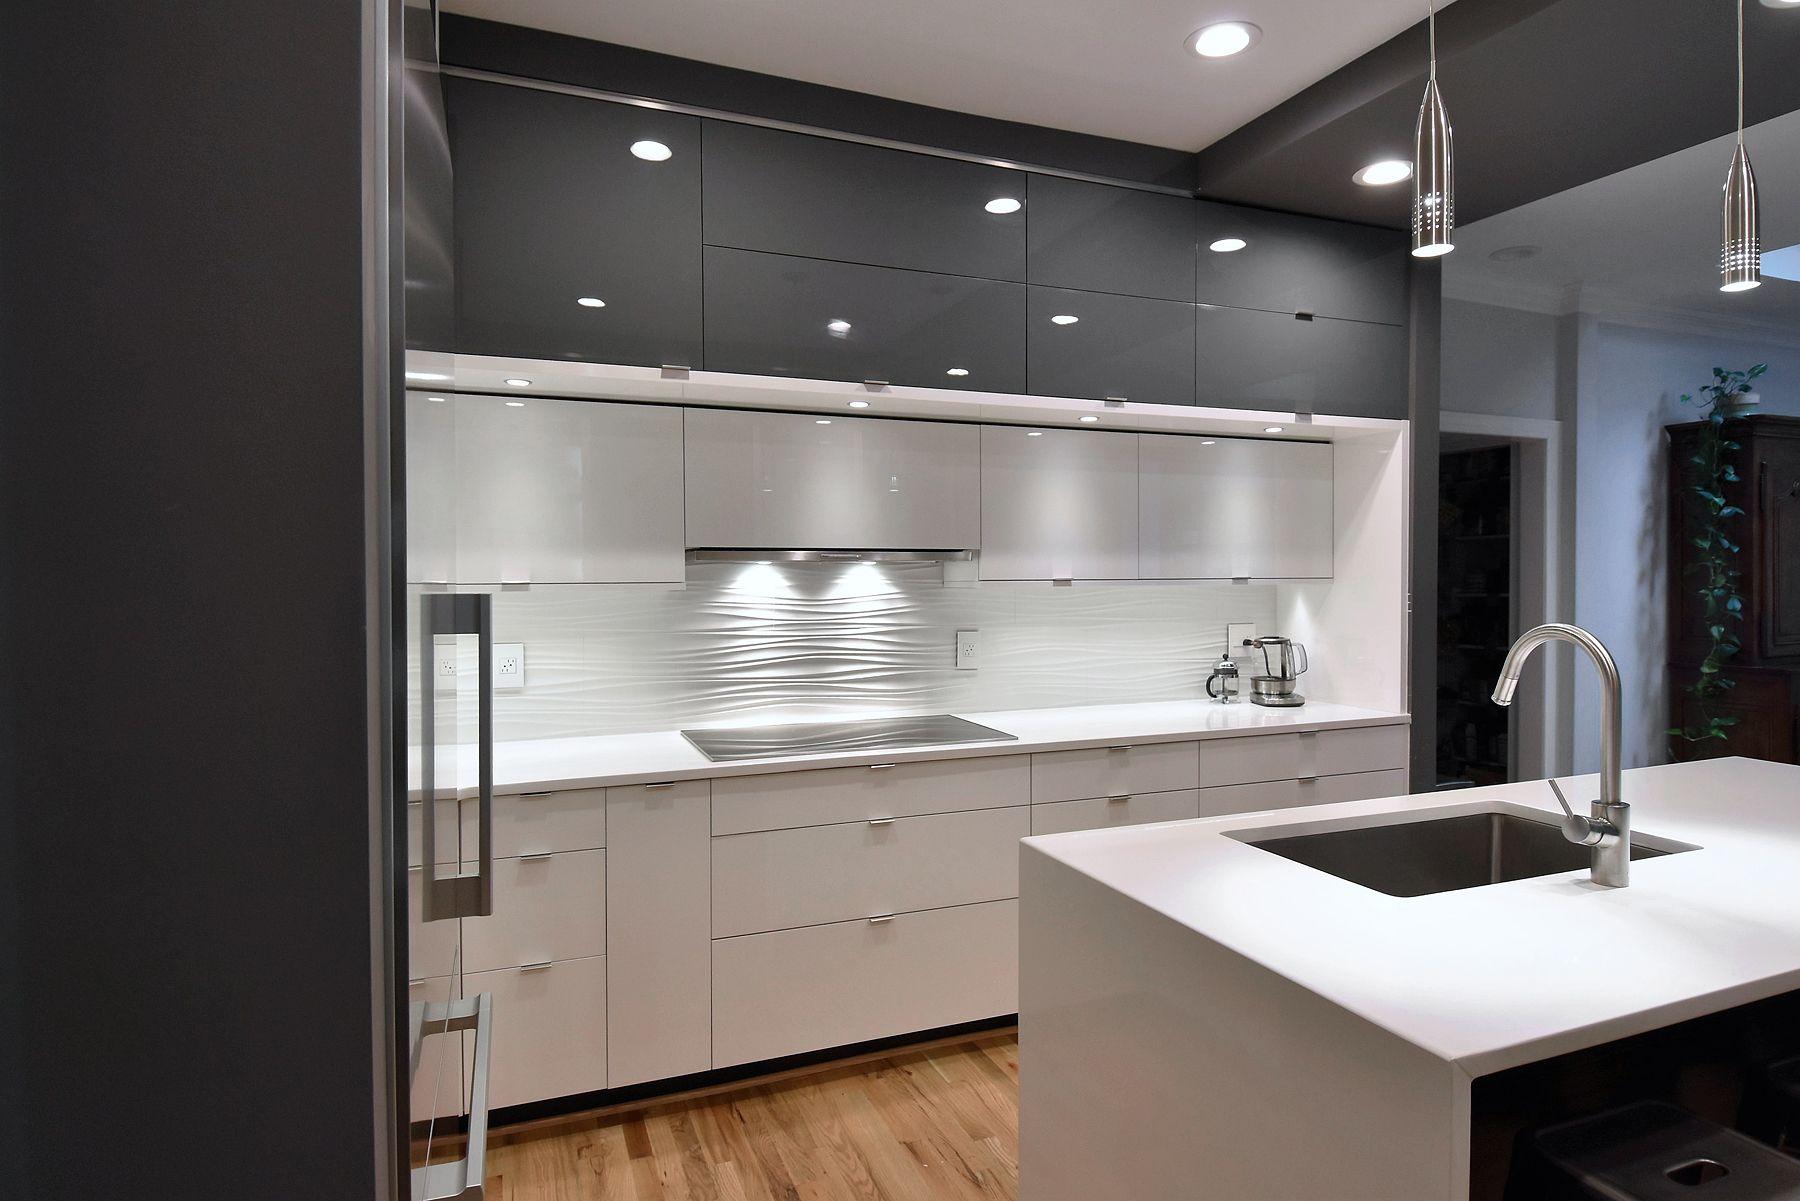 Pin von Freespace Design LLC auf Freespace Custom Kitchen #6 ...